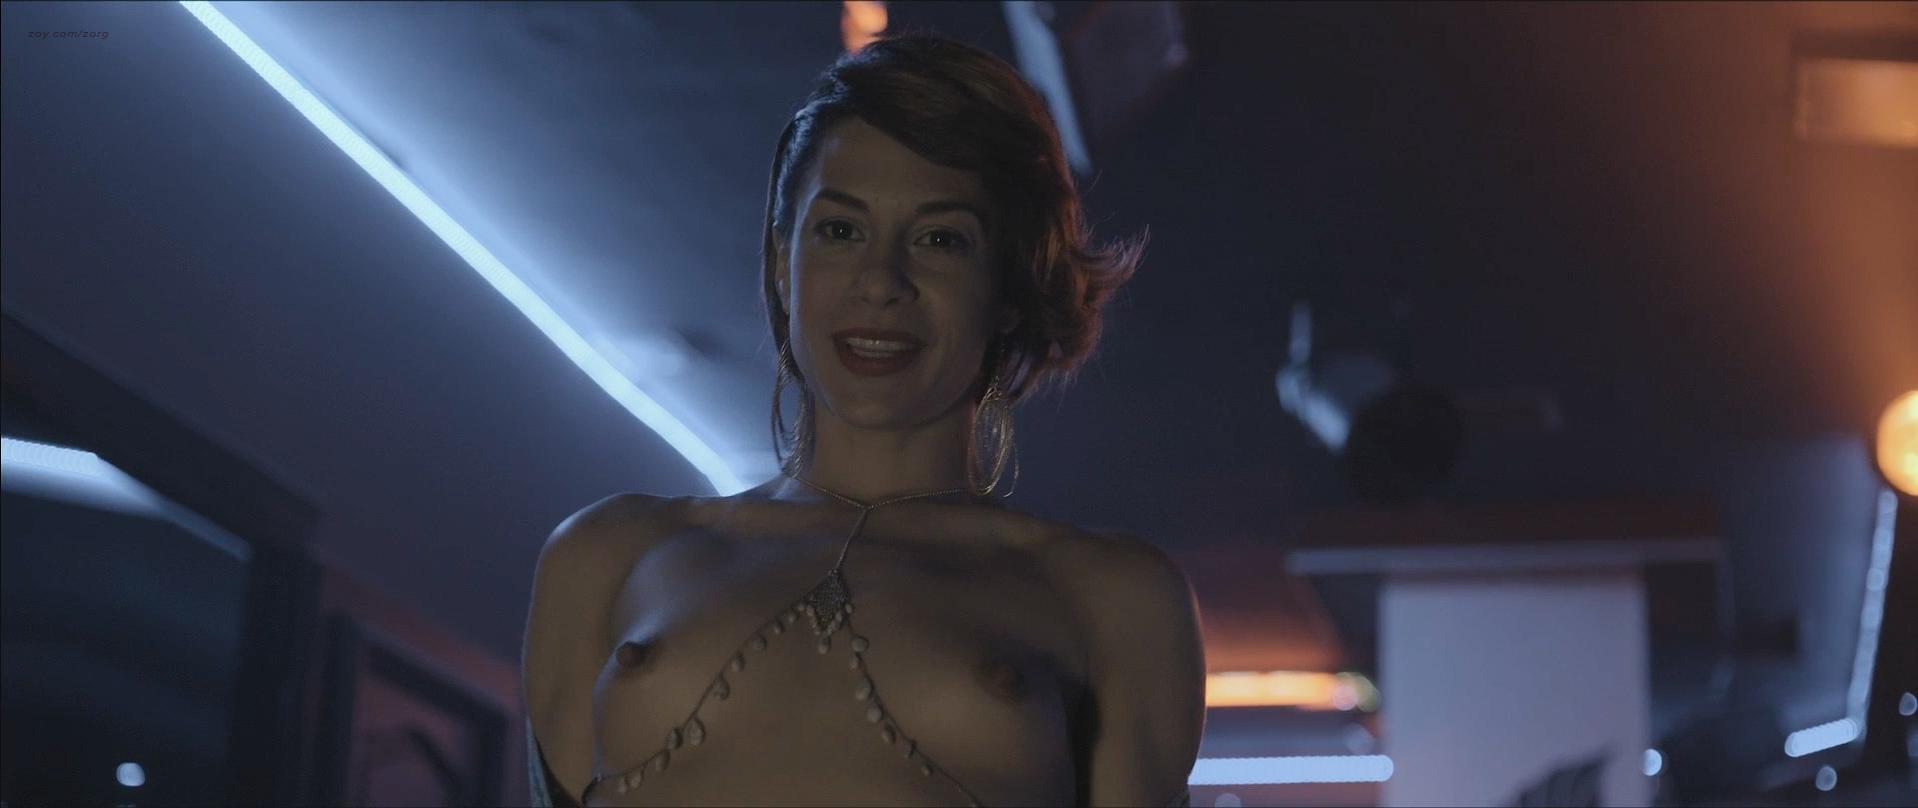 Adriana Camara nude, Alejandra Lorente nude - Sicarivs: La noche y el silencio (2015)